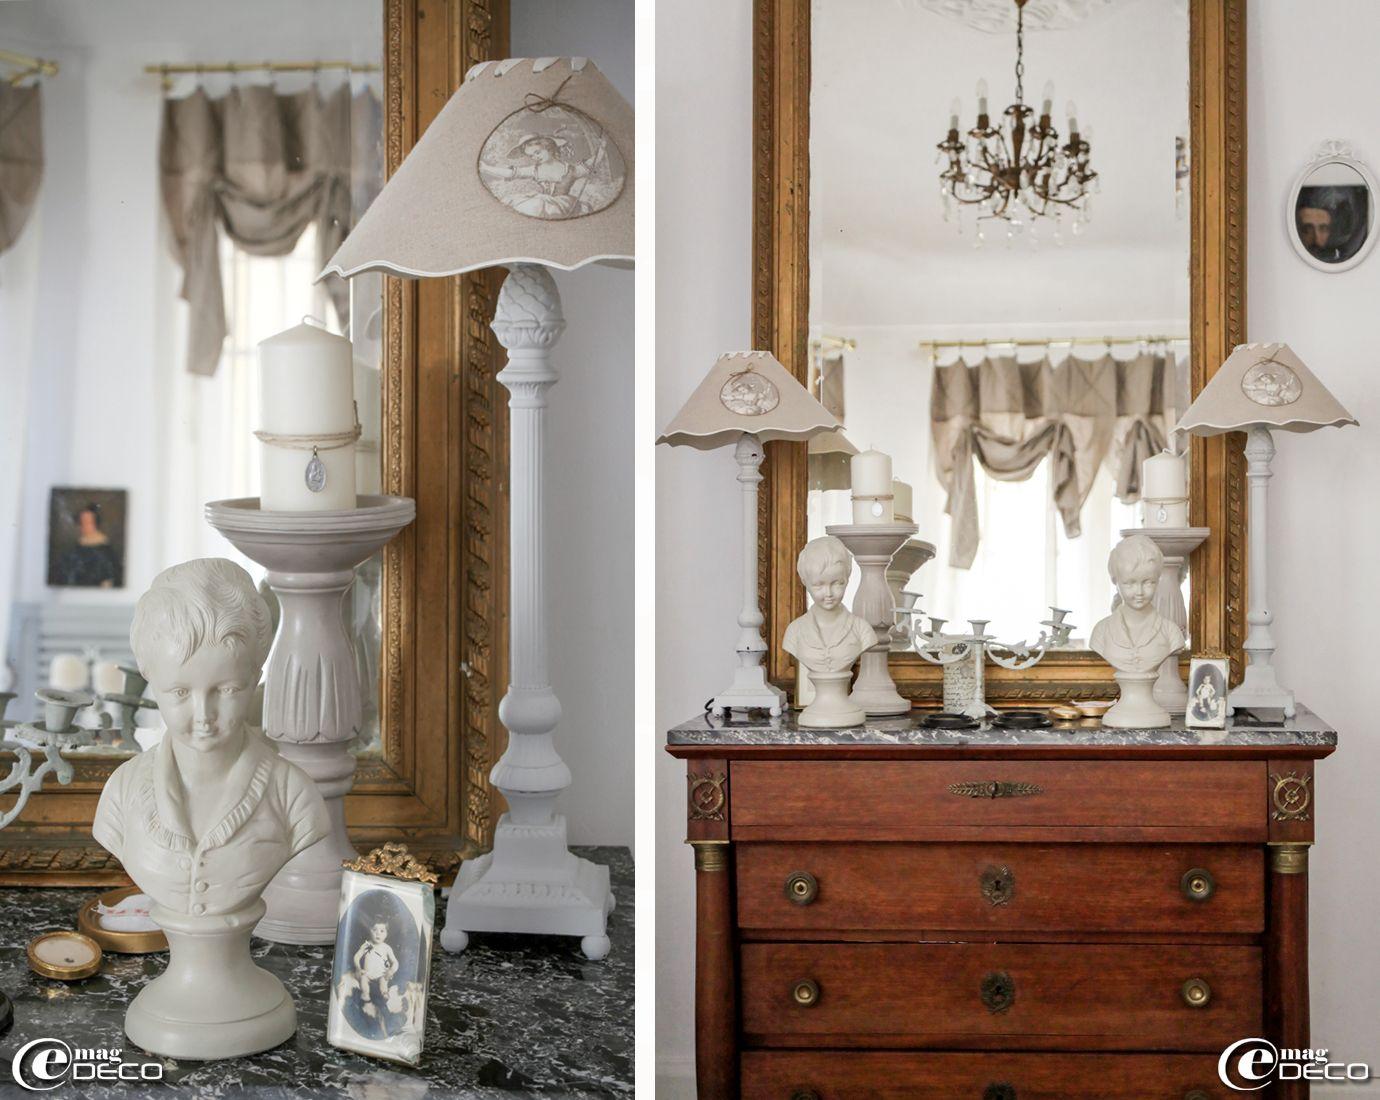 Sur Un Air Gustavien E Magdeco Magazine De Decoration En 2020 Deco Maison Decoration E Mag Deco